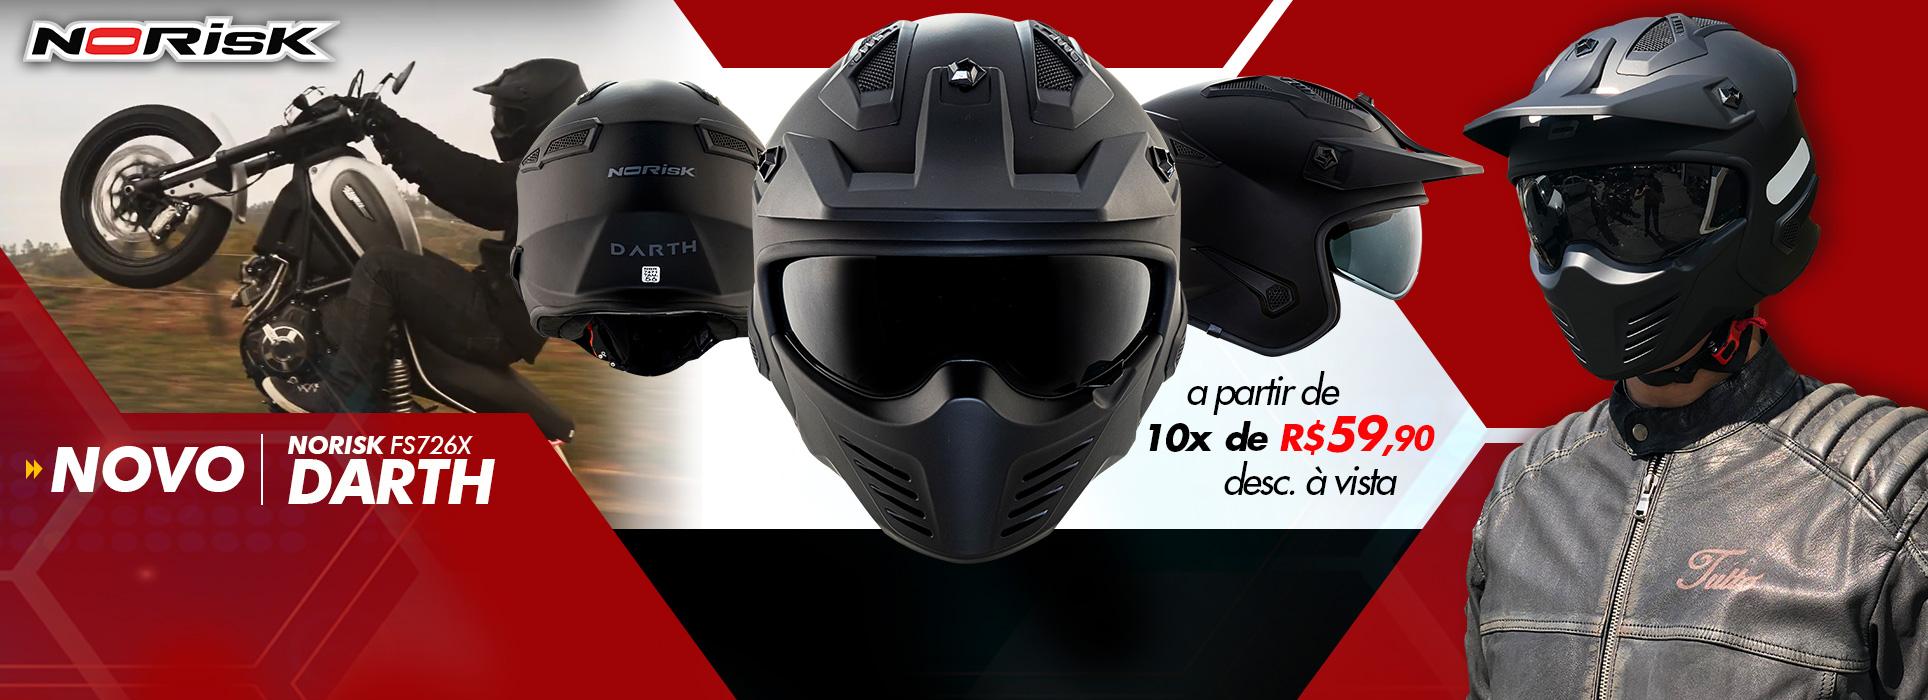 capacete-norisk-darth